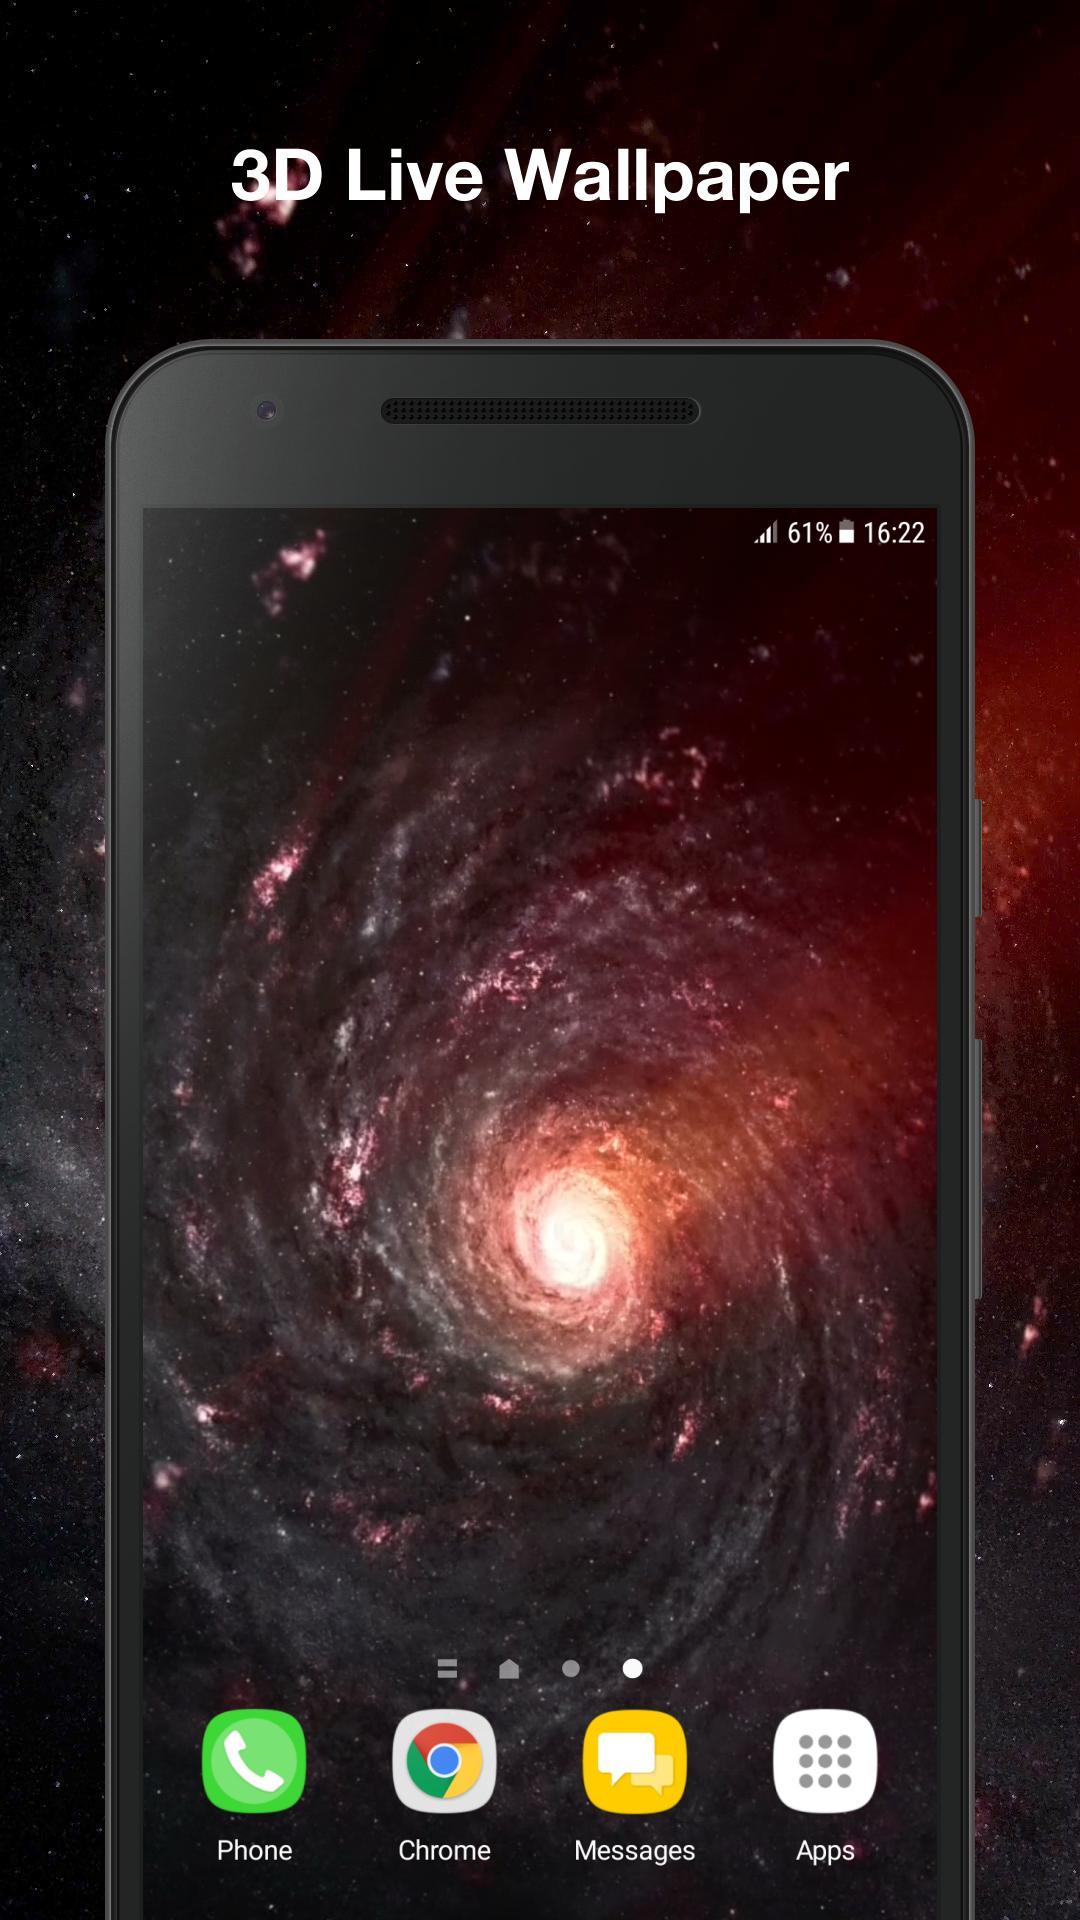 Android 用の ブラックホール アニメーション壁紙 Apk をダウンロード